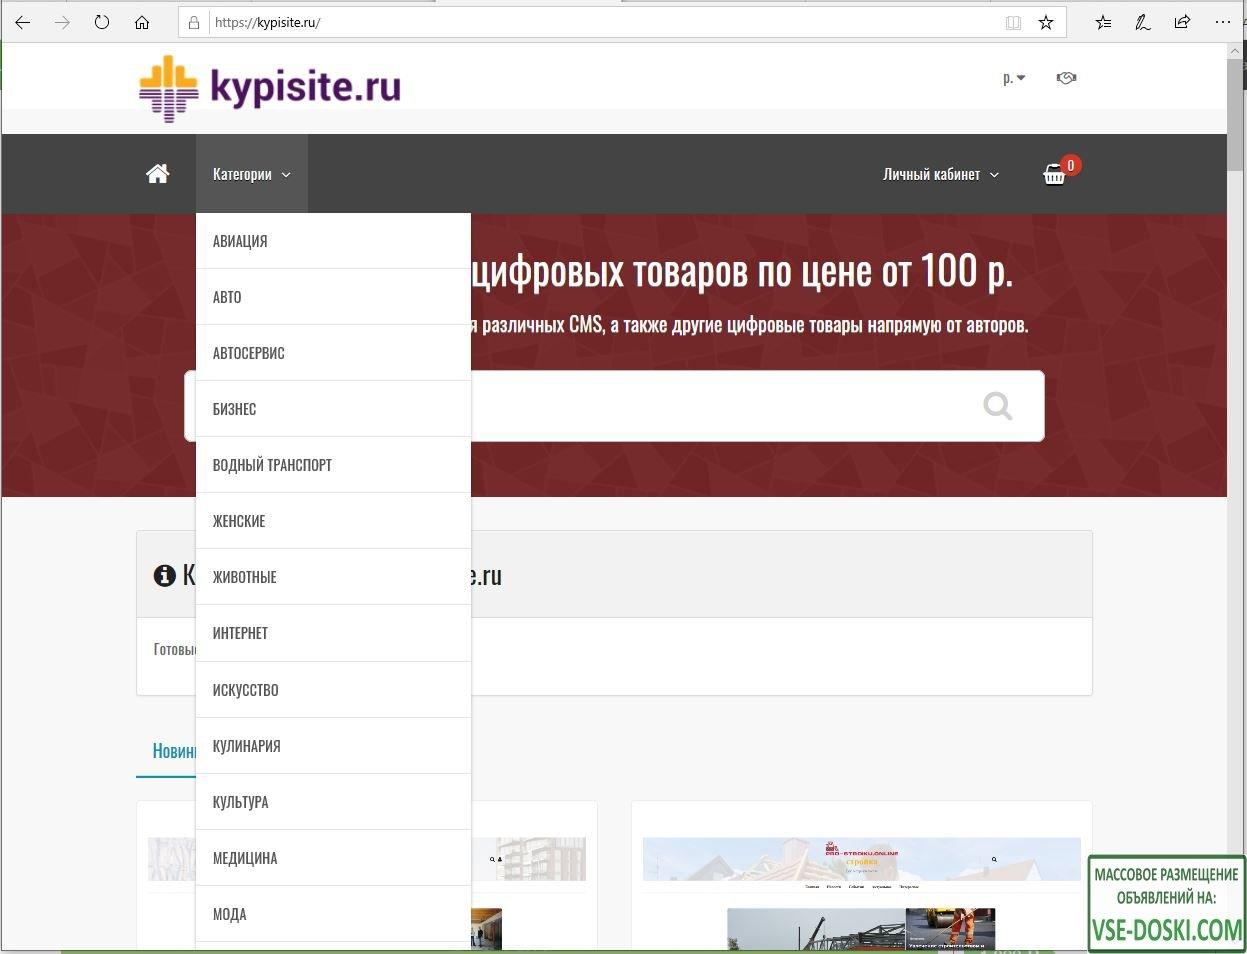 Купить готовый сайт WordPress на kypisite.ru